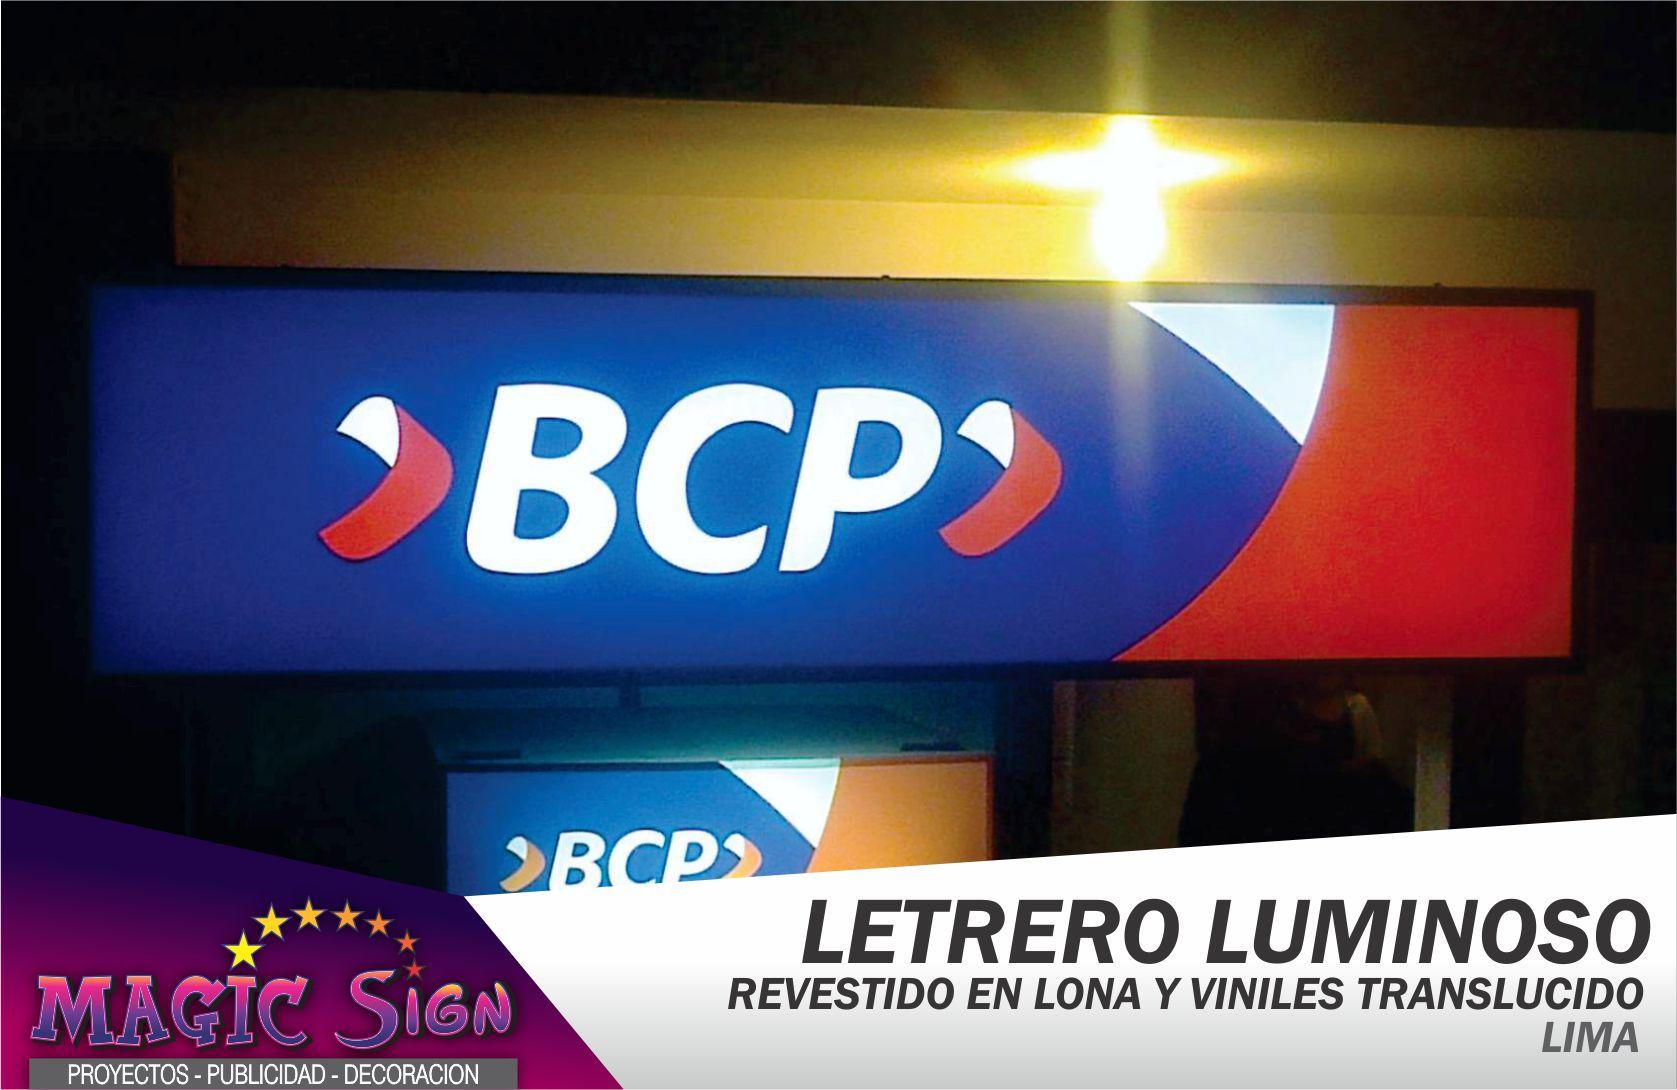 BCP LETRERO LUMINOSO